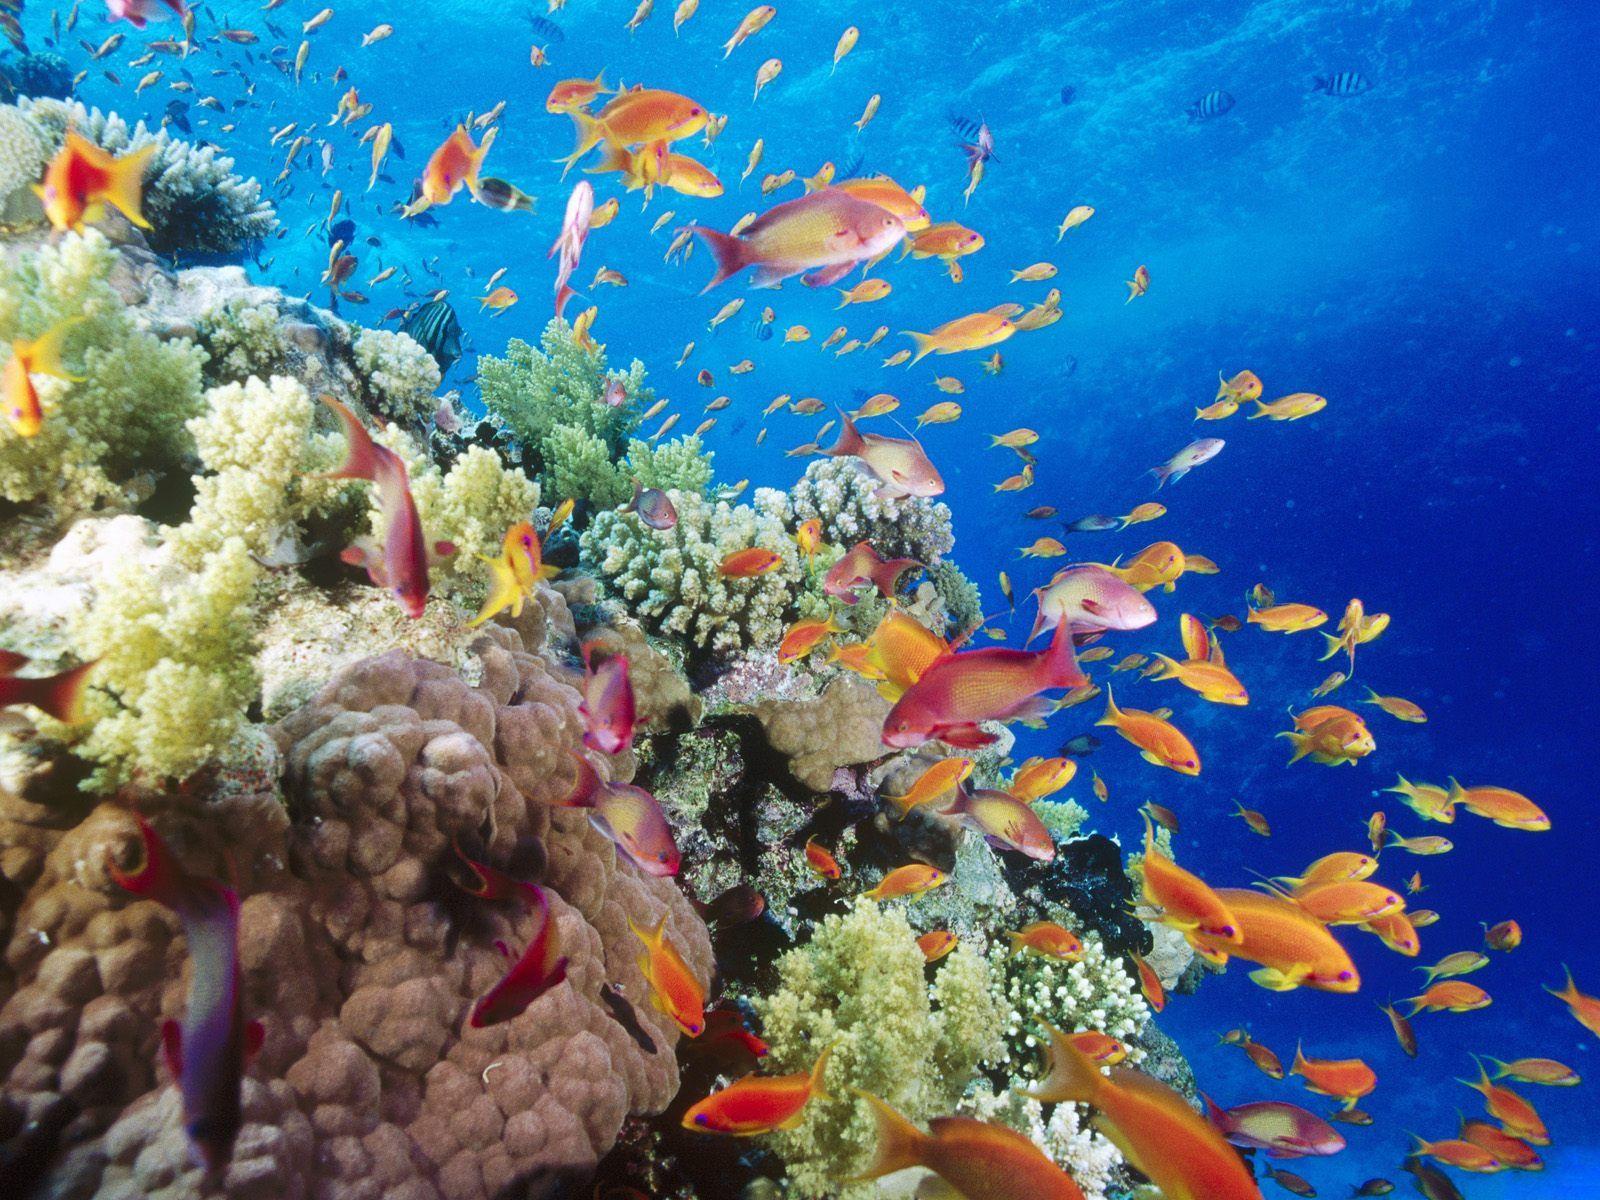 tags fish 144 pics saltwater fish 68 pics corals 31 pics 1600x1200